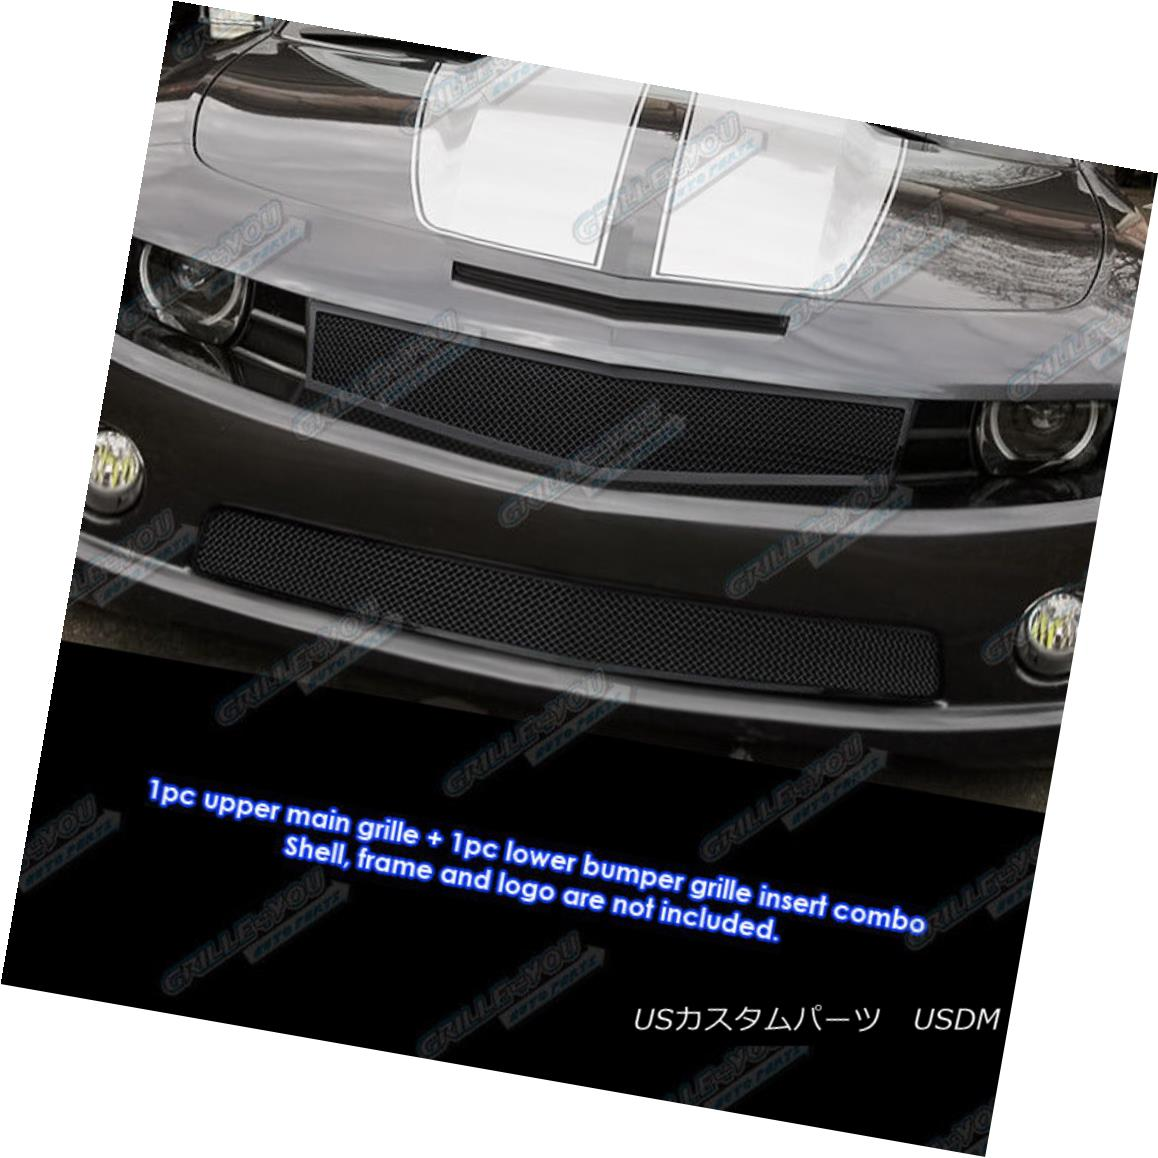 グリル Fits 2010-2013 Chevy Camaro SS V8 Black Stainless Steel Mesh Grille Grill Combo フィット2010-2013シボレーカマロSS V8ブラックステンレスメッシュグリルグリルコンボ